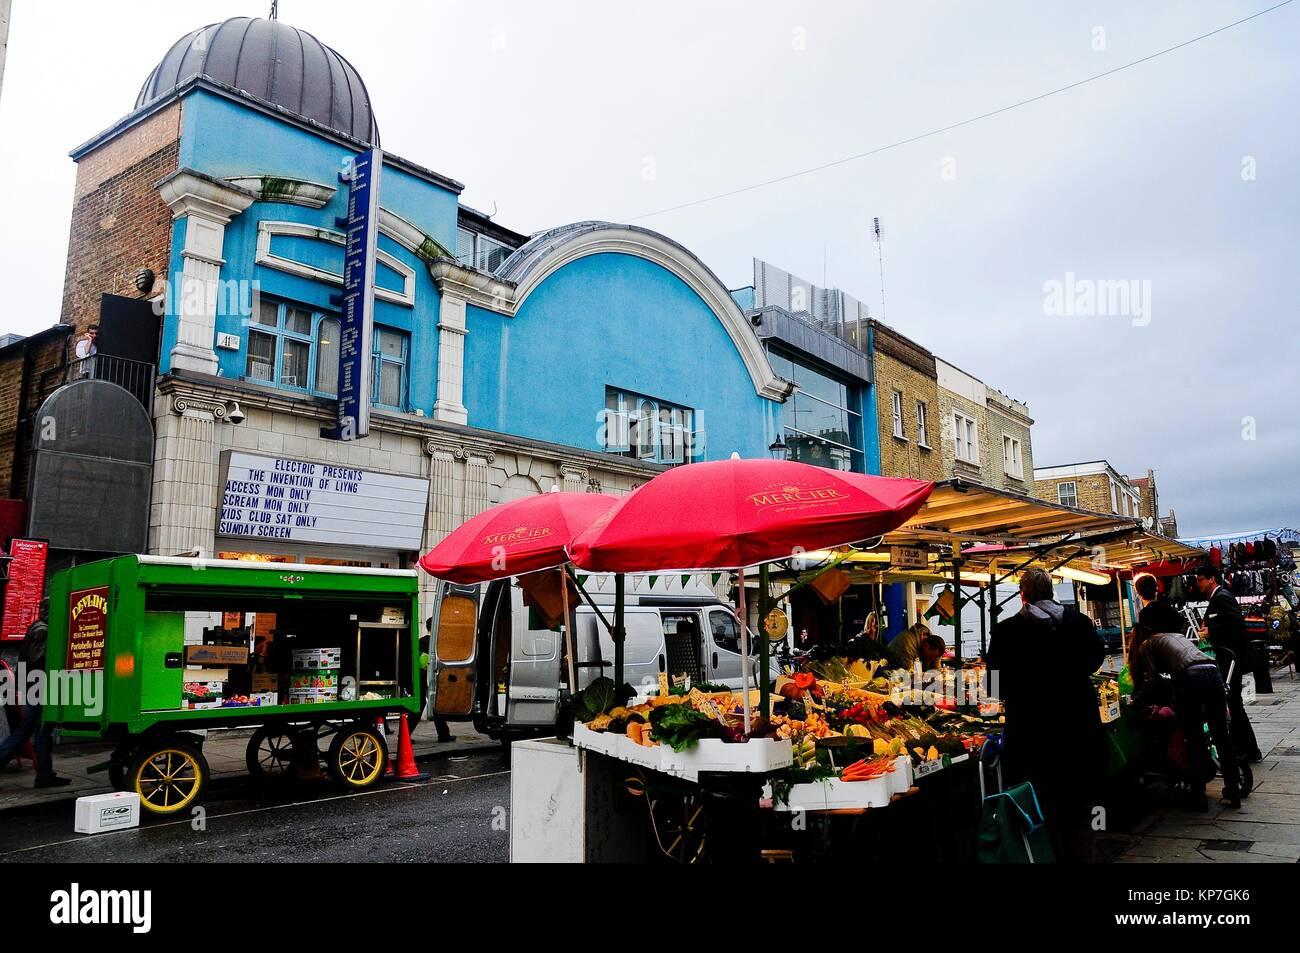 Food market and Electric cinema, Portobello, Nothing Hill, London, England, UK, Europe - Stock Image